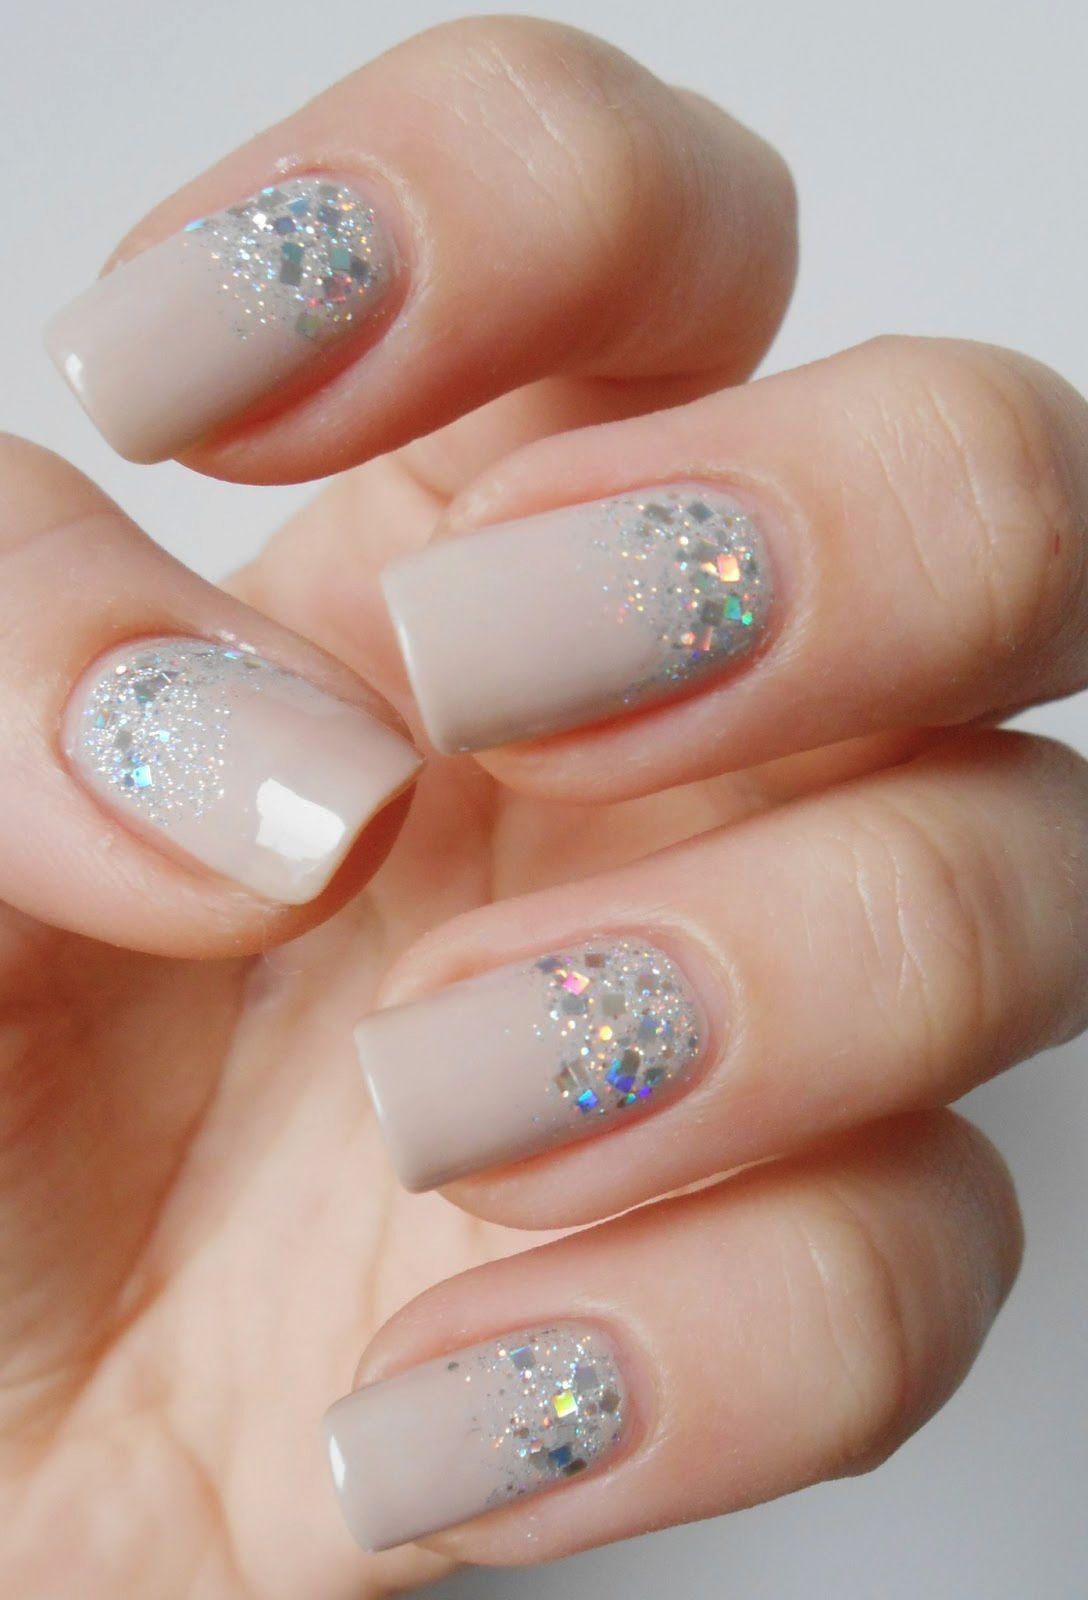 65+most eye catching beautiful nail art ideas | manicure, nude